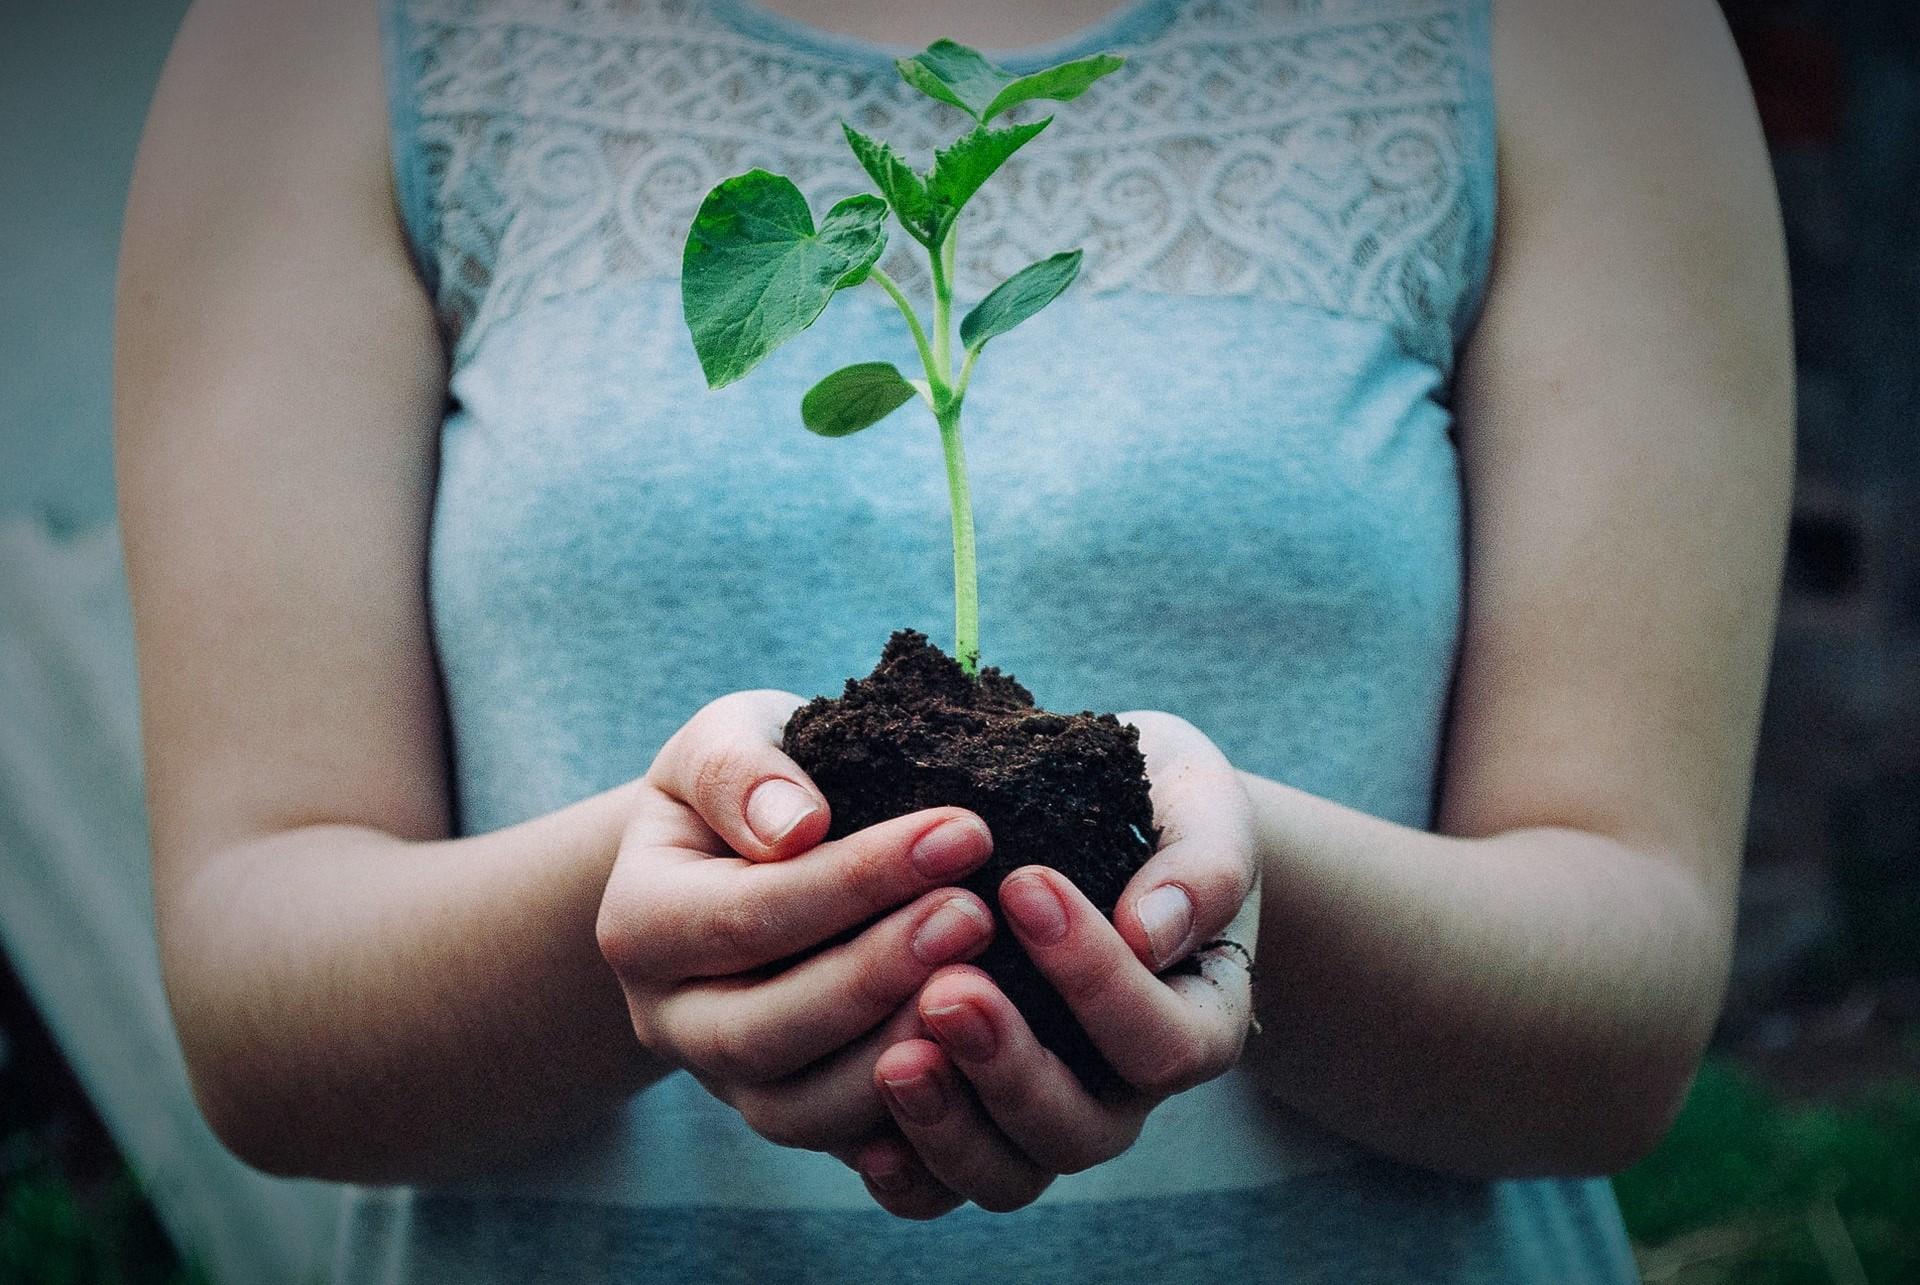 Παγκόσμια Ημέρα Περιβάλλοντος 2021: Επανασχεδιασμός, Αναδημιουργία, Αποκατάσταση